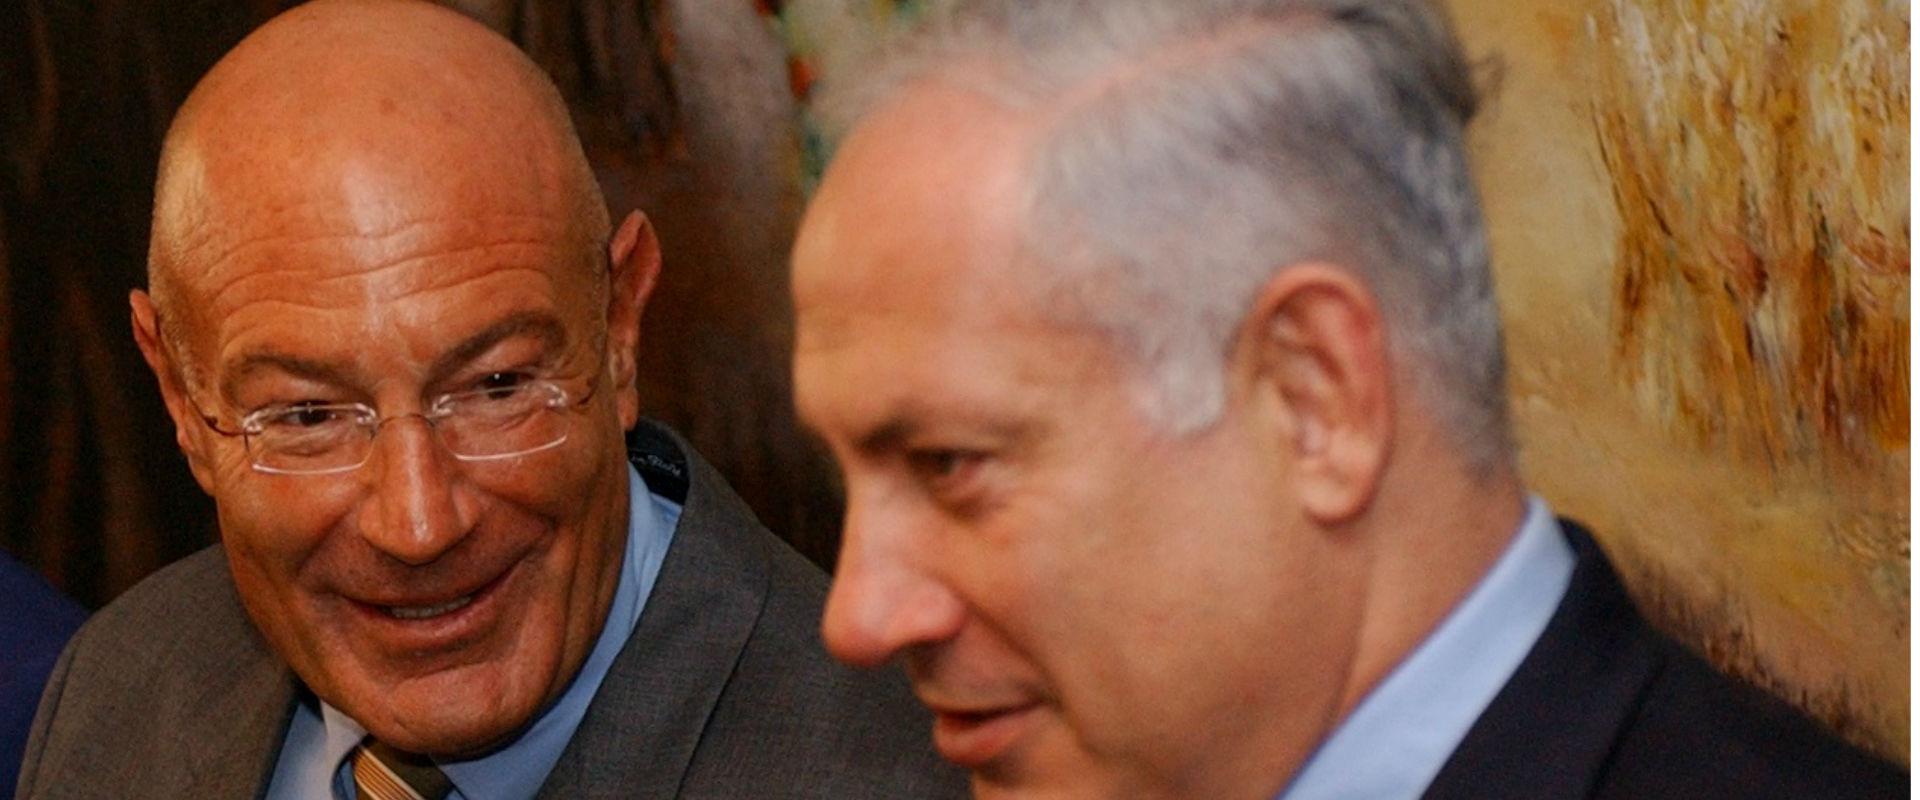 ראש הממשלה בנימין נתניהו ואיש העסקים ארנון מילצ'ן